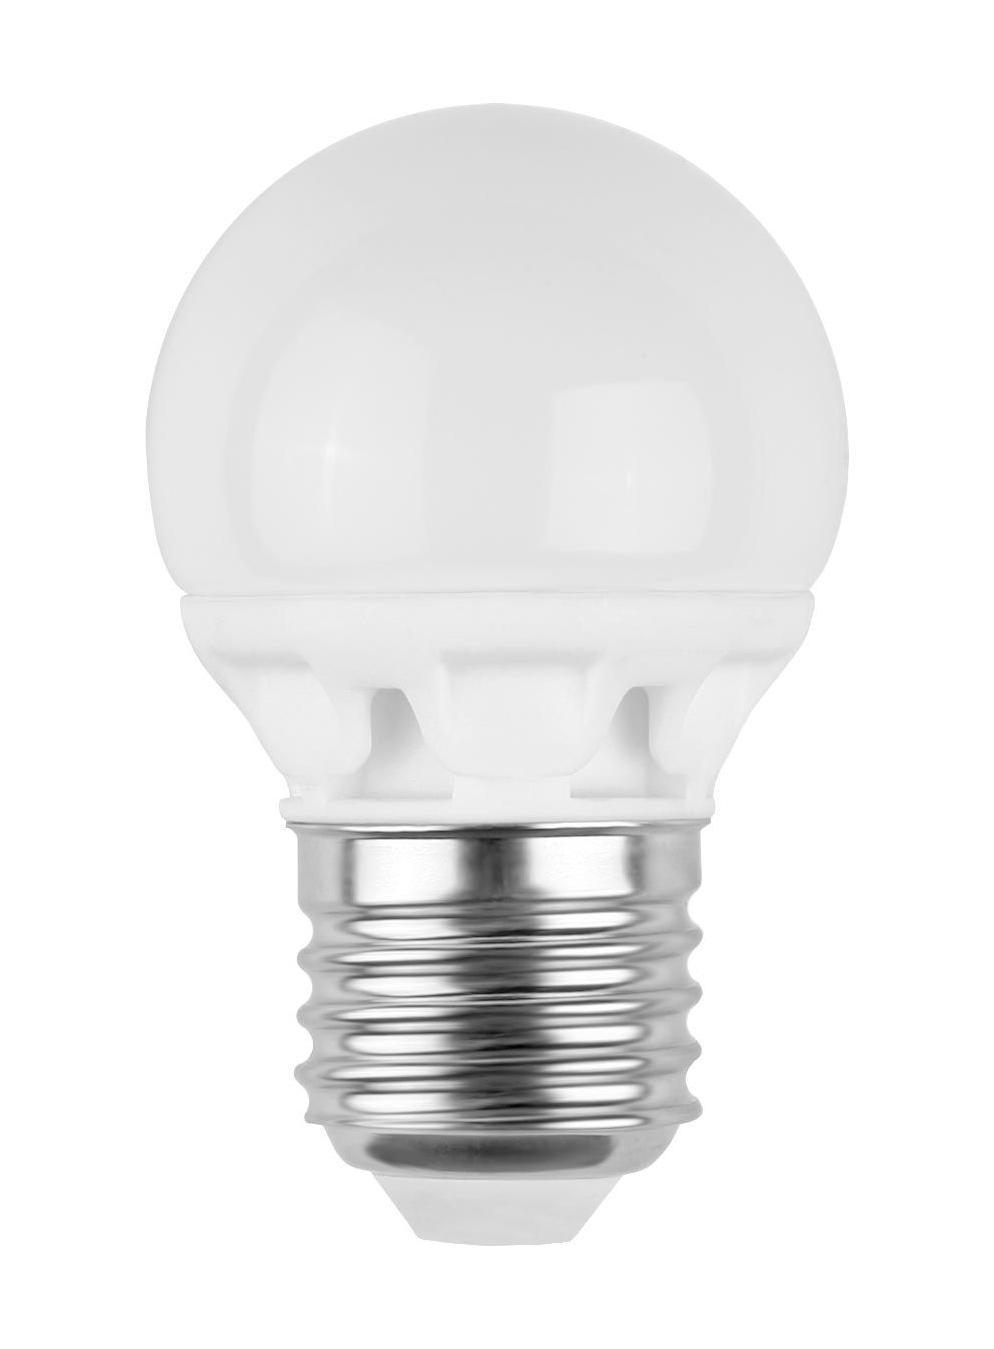 Camelion LED3-G45/845/E27 светодиодная лампа, 3ВтLED3-G45/845/E27Экономят до 80% электроэнергии по сравнению с обычными лампами накаливания такой же яркости. Низкое тепловыделение во время работы лампы - возможность использования в светильниках, критичных к повышенному нагреву. Встроенный ЭПРА - возможность прямой замены ламп накаливания. Универсальное рабочее положение. Включение без мерцания. Отсутствие стробоскопического эффекта при работе. Равномерное распределение света по колбе - мягкий свет не слепит глаза. Высокий уровень цветопередачи (Ra не менее 82) - естественная передача цветов. Широкий температурный диапазон эксплуатации (от -15 oC до +40 oC) - возможность использования ламп вне помещений. Рабочий диапазон напряжений - 220-240В / 50Гц Возможность выбора света различного спектрального состава - теплый белый, холодный белый и дневной белый свет. Компактные размеры - возможность использовать практически в любых светильниках, где применяются лампы накаливания.